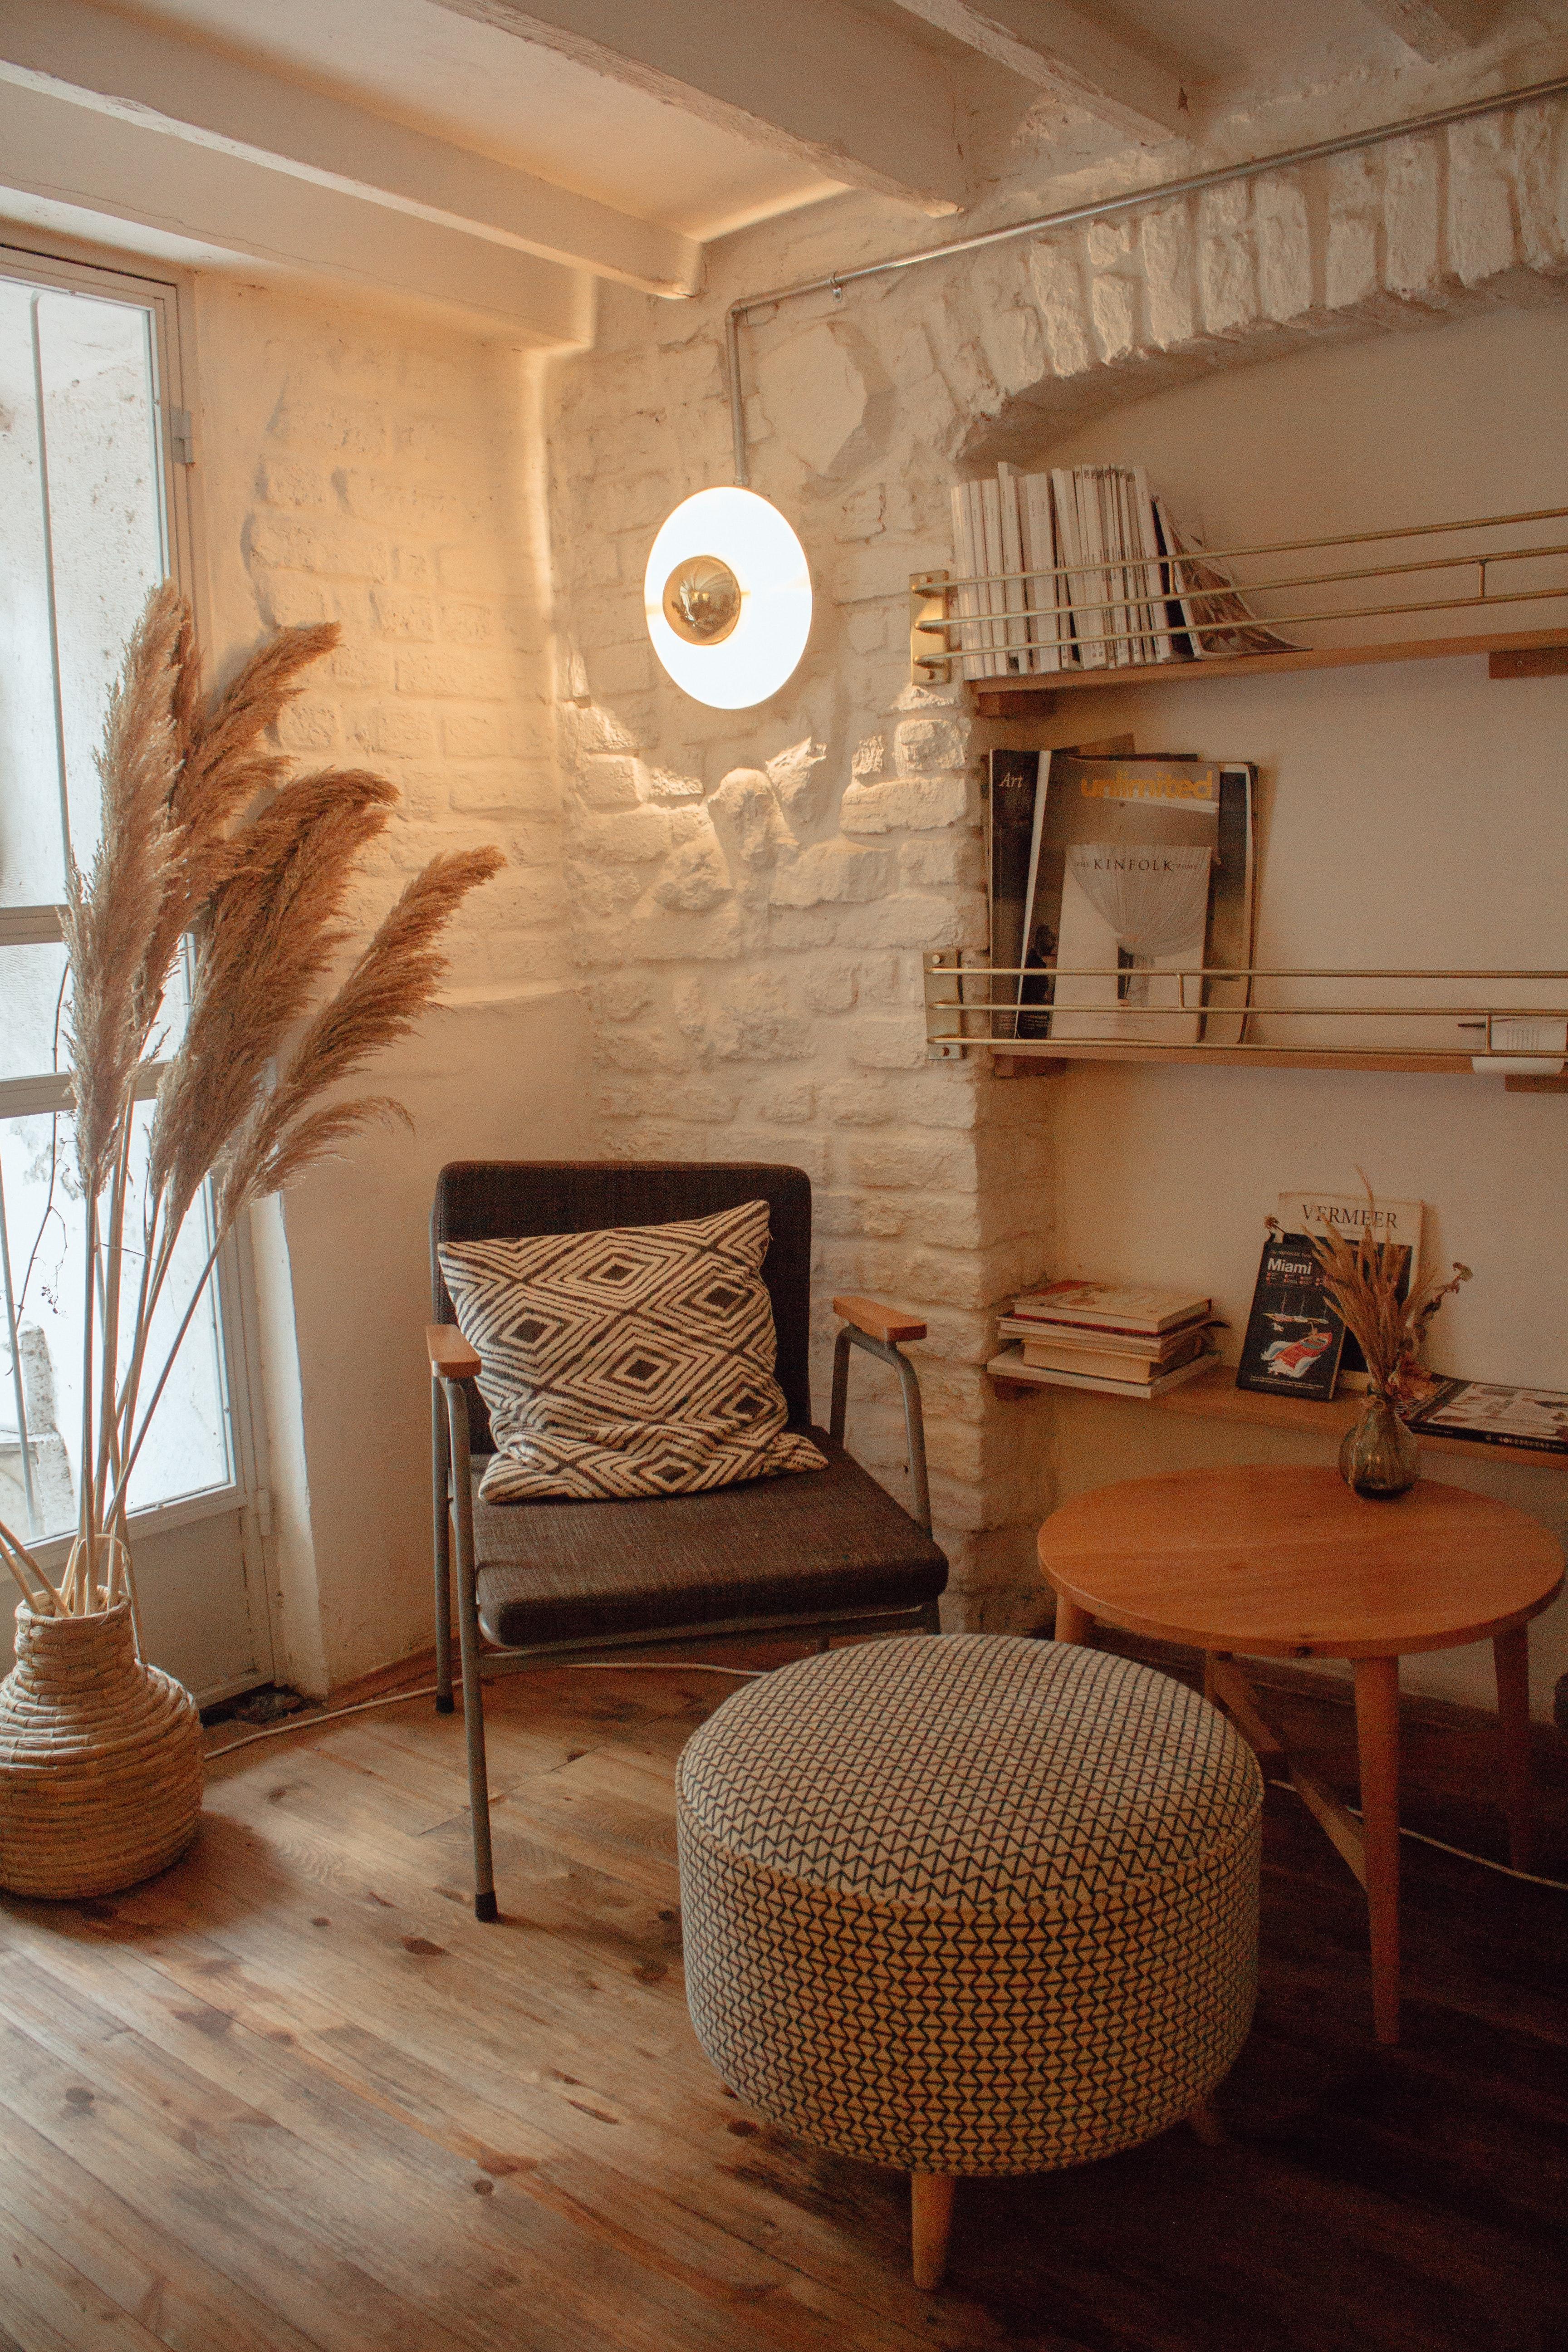 Zo creëer jij een warme uitstraling in huis. Vooral een houten vloer en zachte materialen werken hierbij